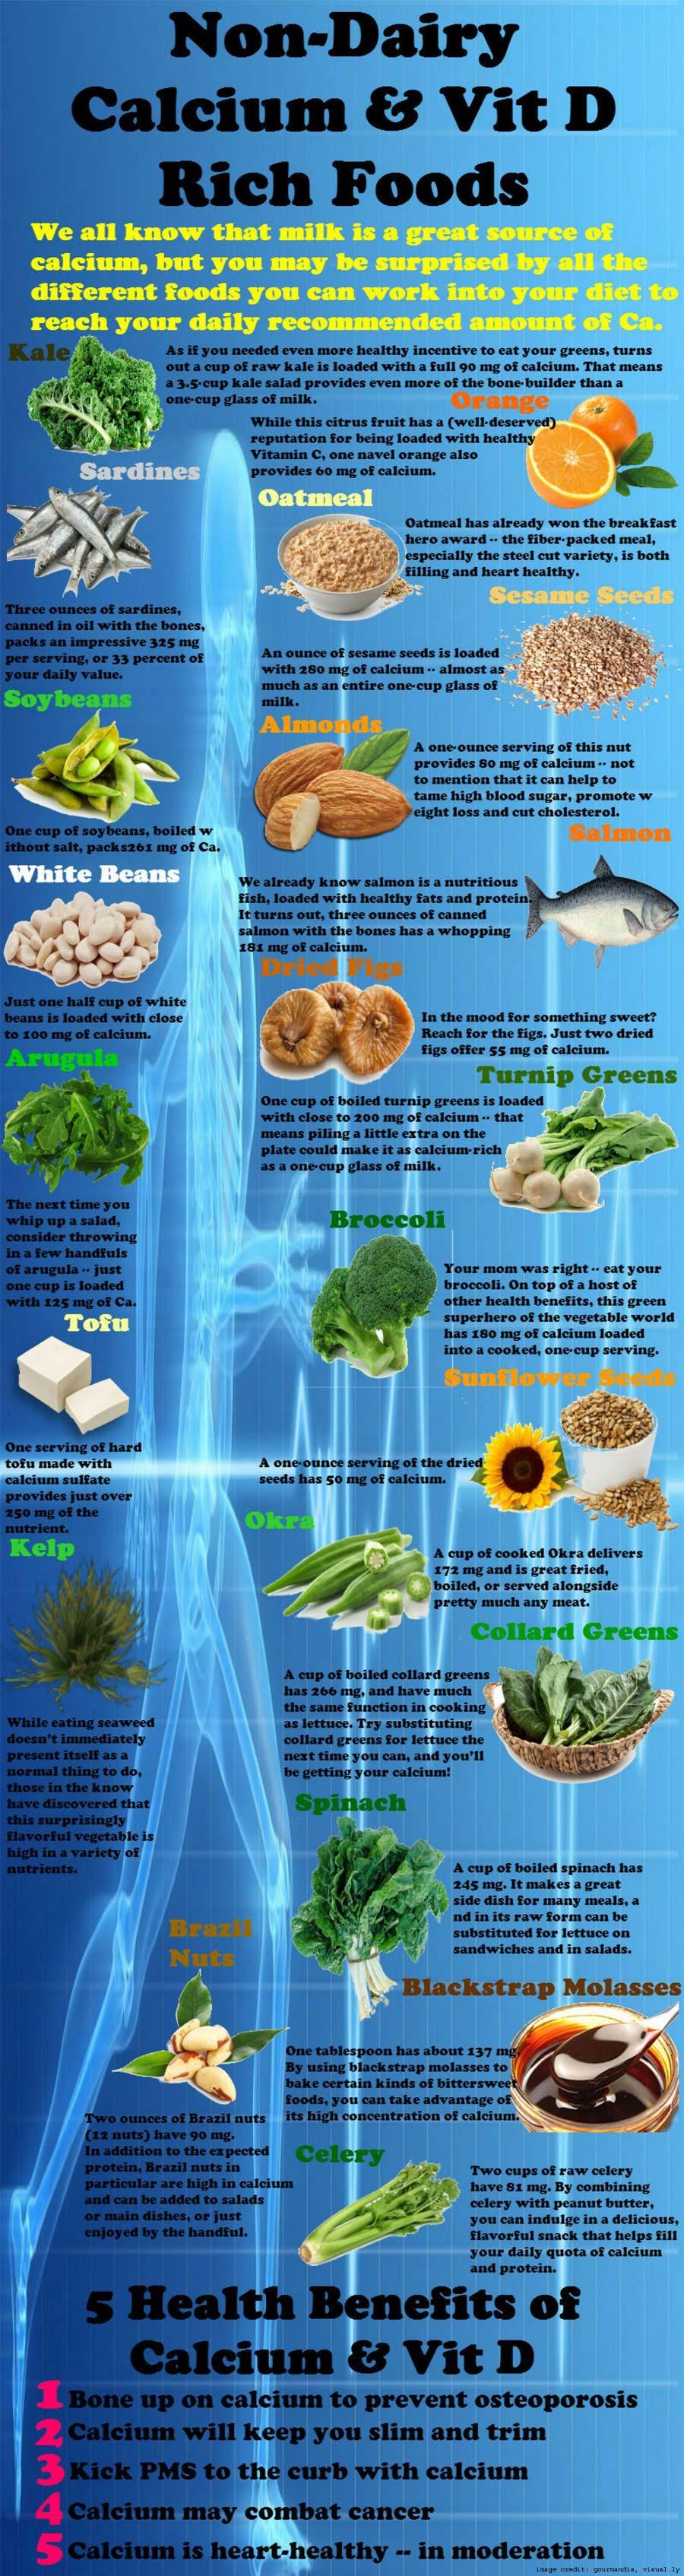 Obtain Calcium And Vitamin D Through Food!